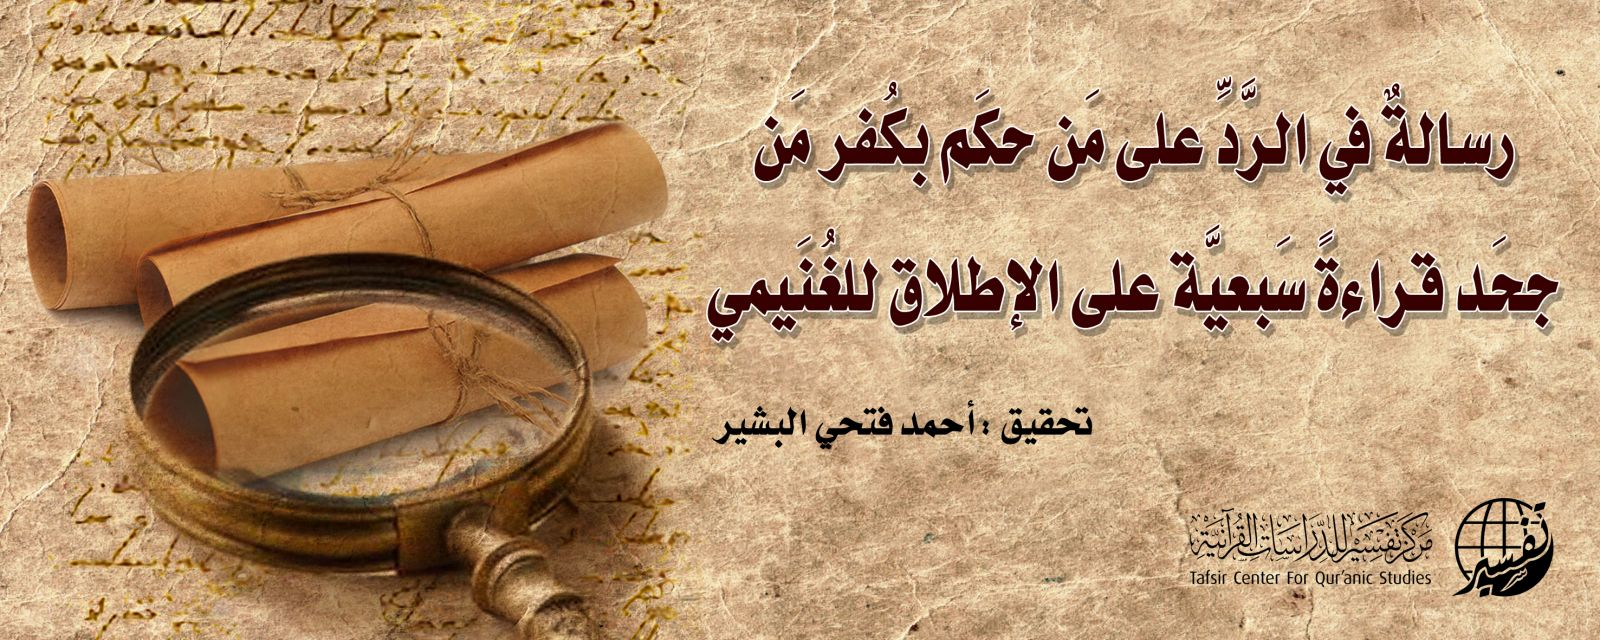 رسالةٌ في الرَّدِّ على مَن حكَم بكُفر مَن جحَد قراءةً سَبعيَّة على الإطلاق للغُنَيمي